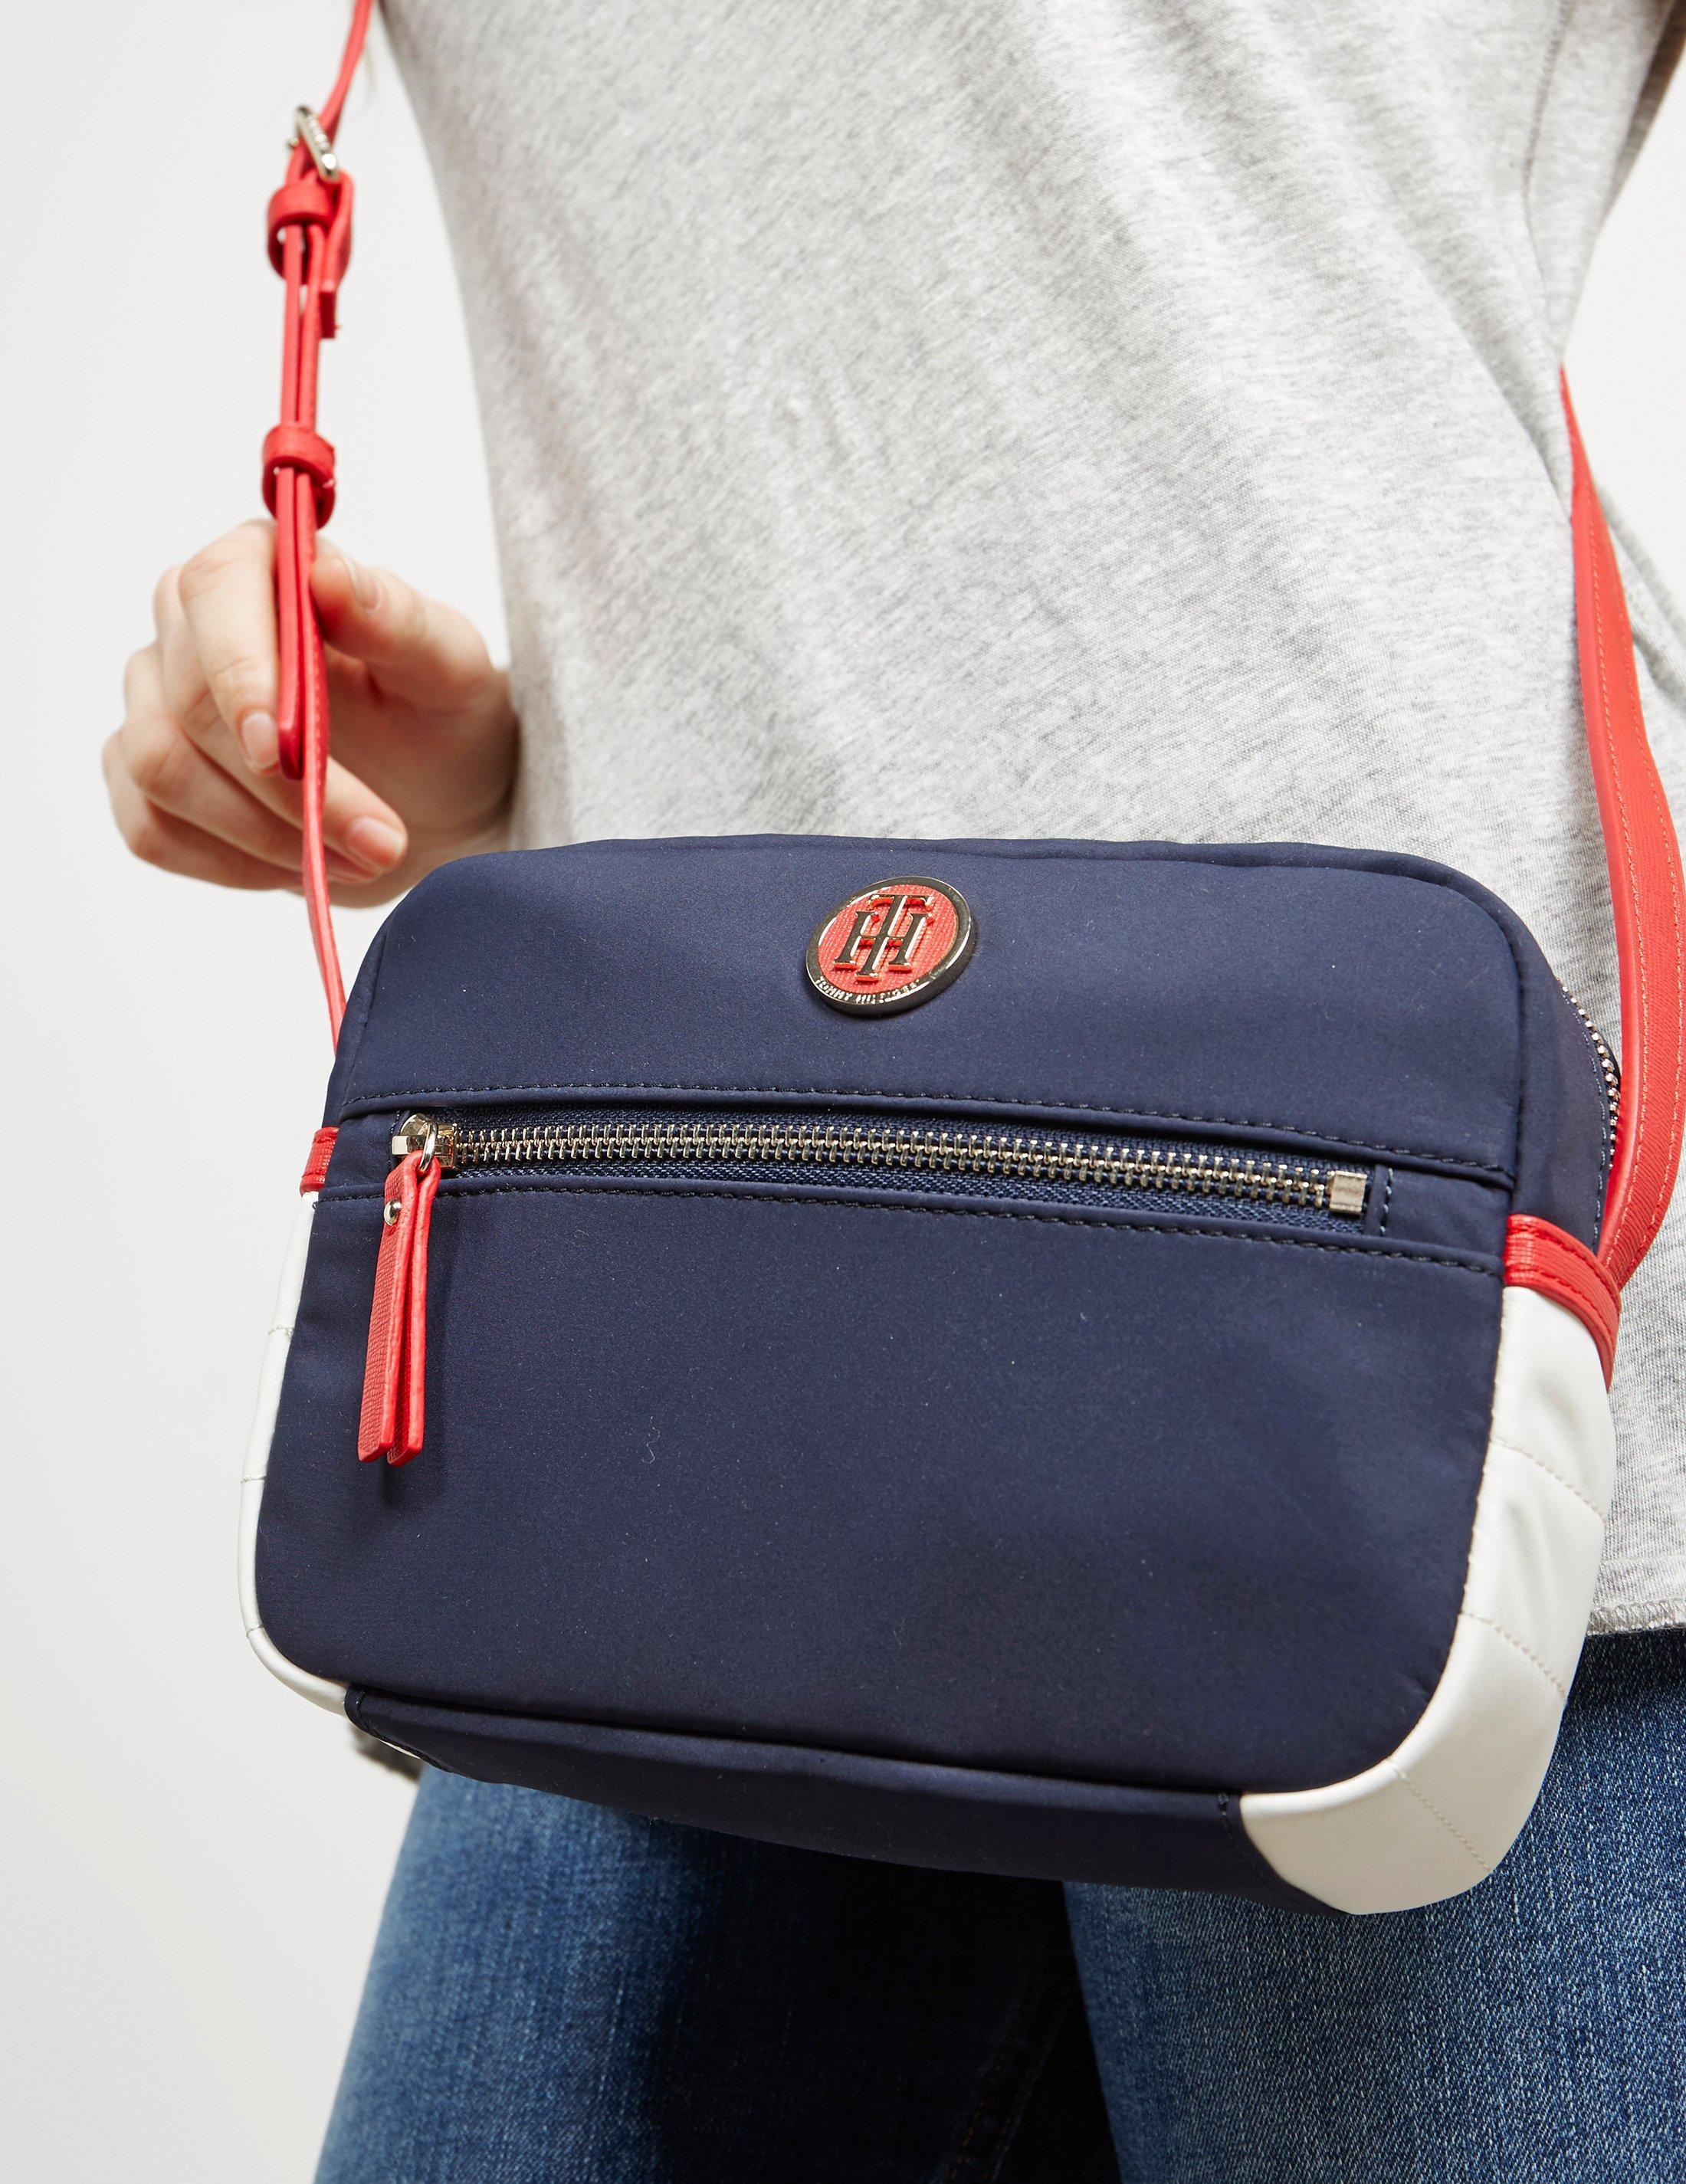 2dd2b6c0 Tommy Hilfiger Womens Nylon Crossbody Bag Navy Blue in Blue - Lyst